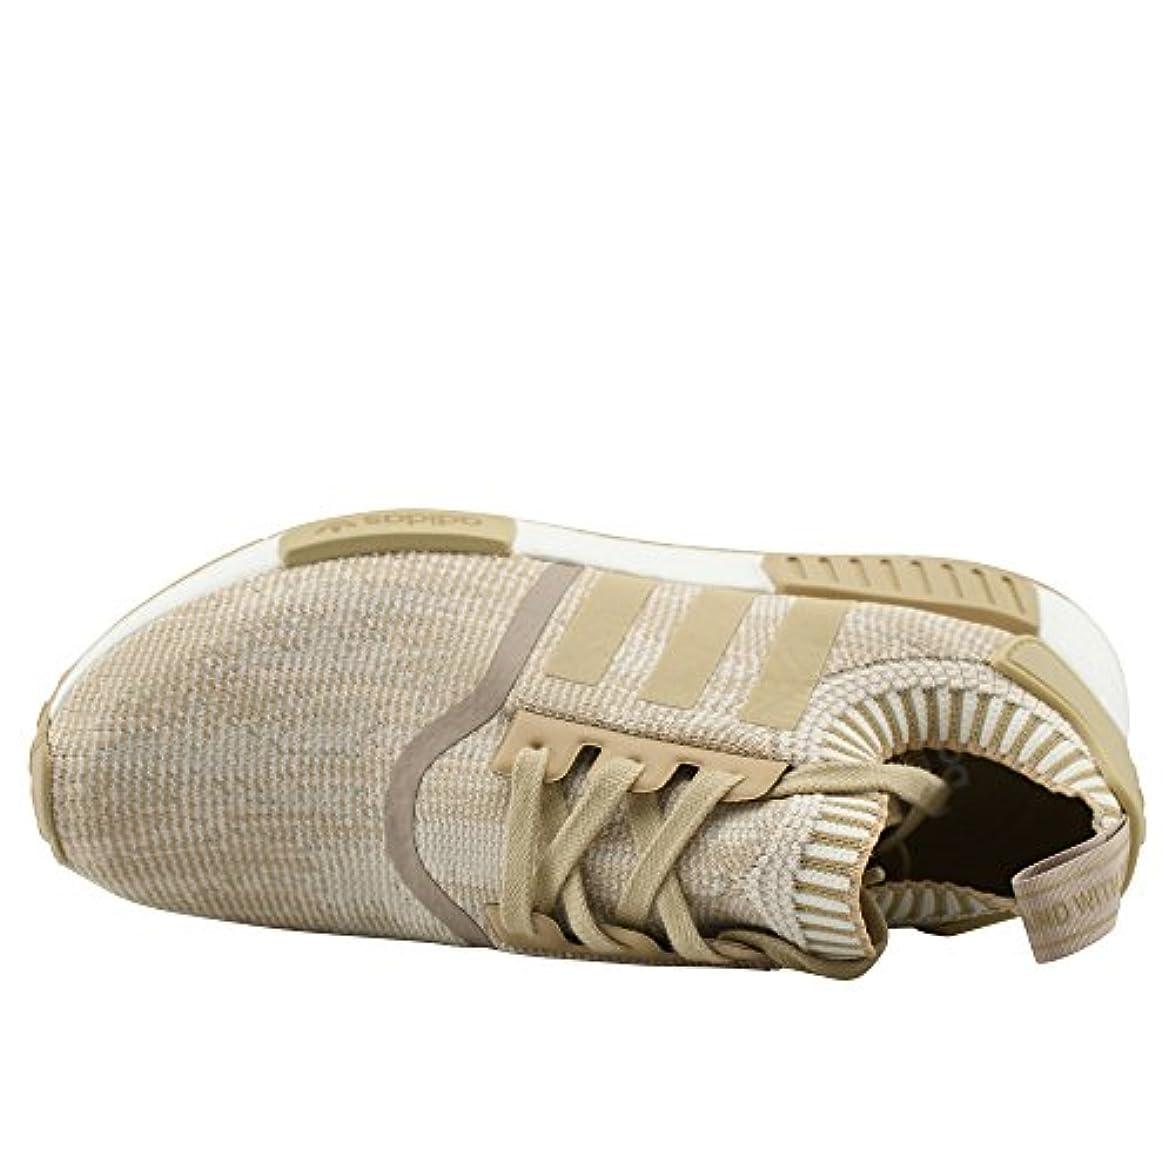 Adidas Nmd R1 Pk Scarpa Linen Khaki off White